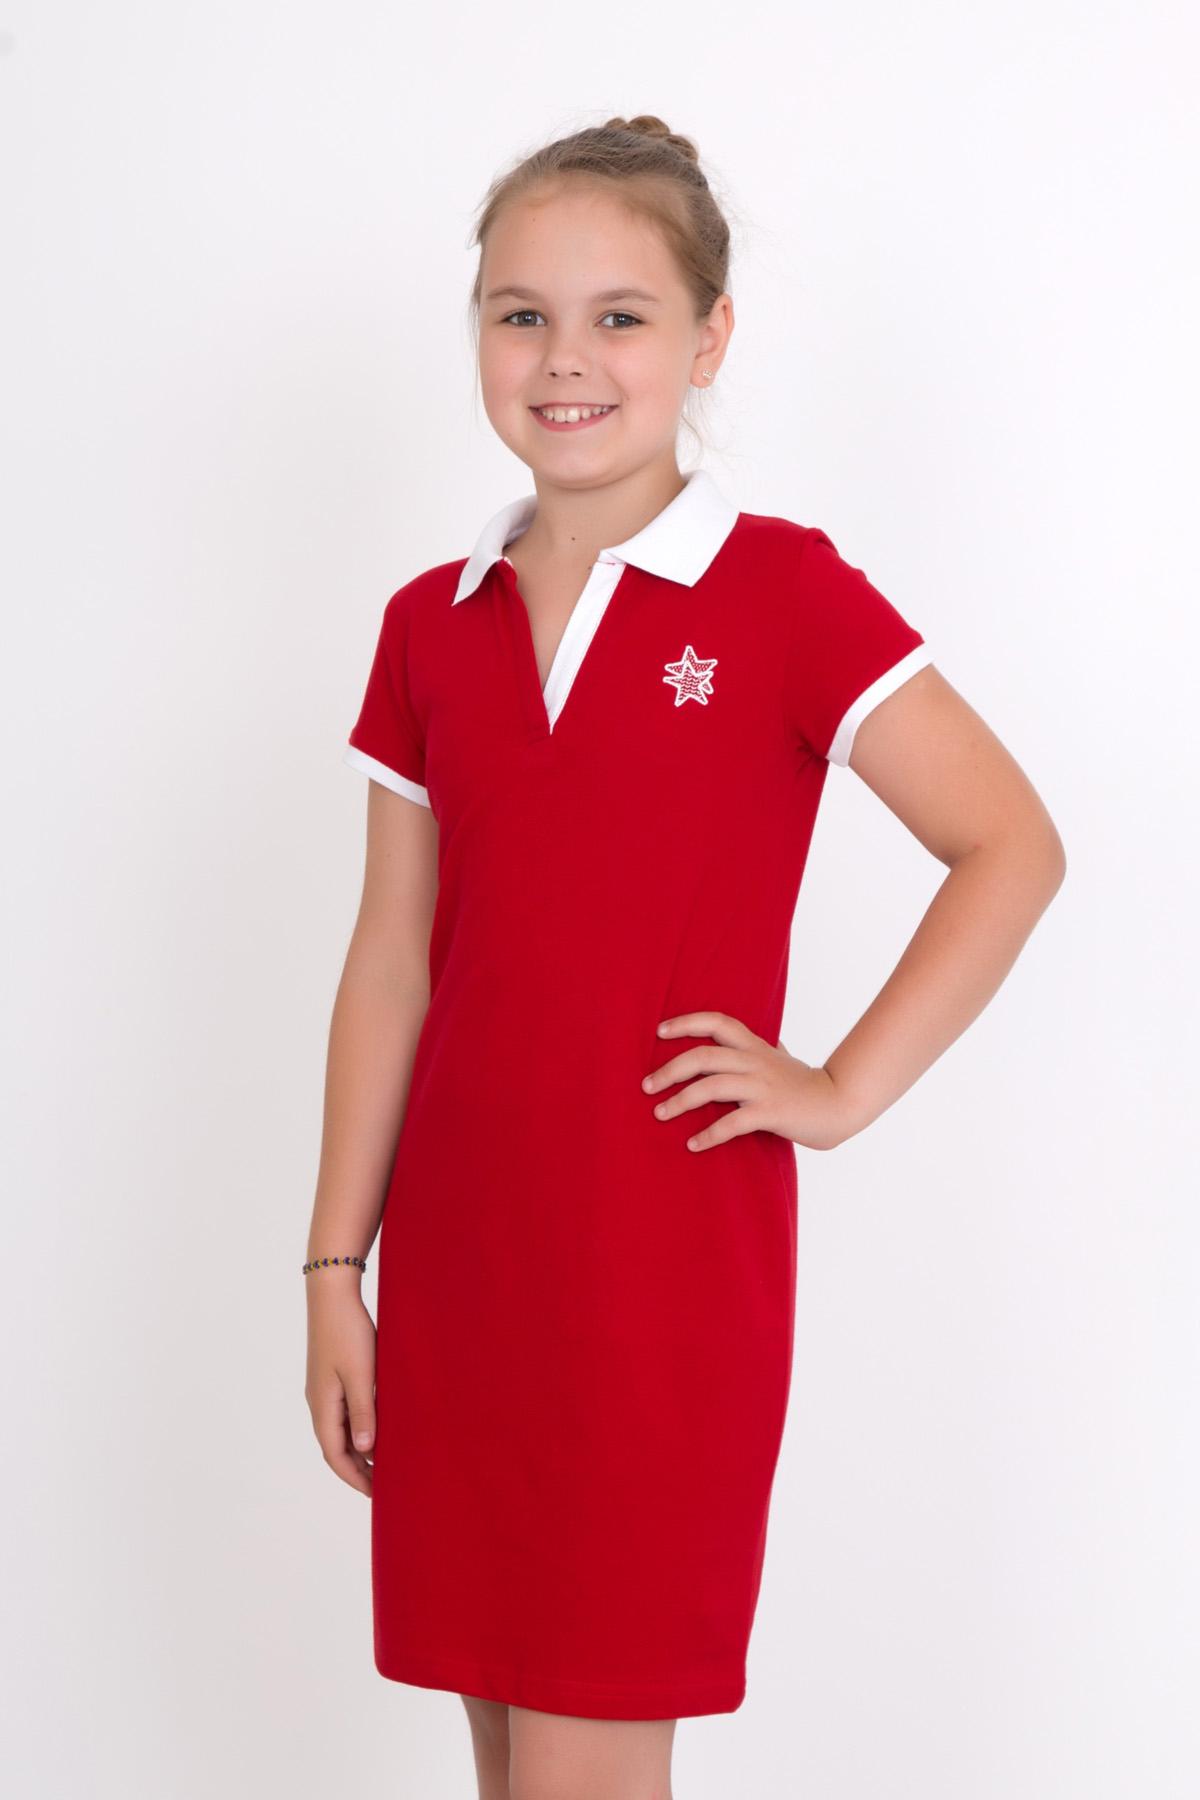 Дет. платье арт. 18-0126 Красный р. 32Платья и сарафаны<br><br><br>Тип: Дет. платье<br>Размер: 32<br>Материал: Пике